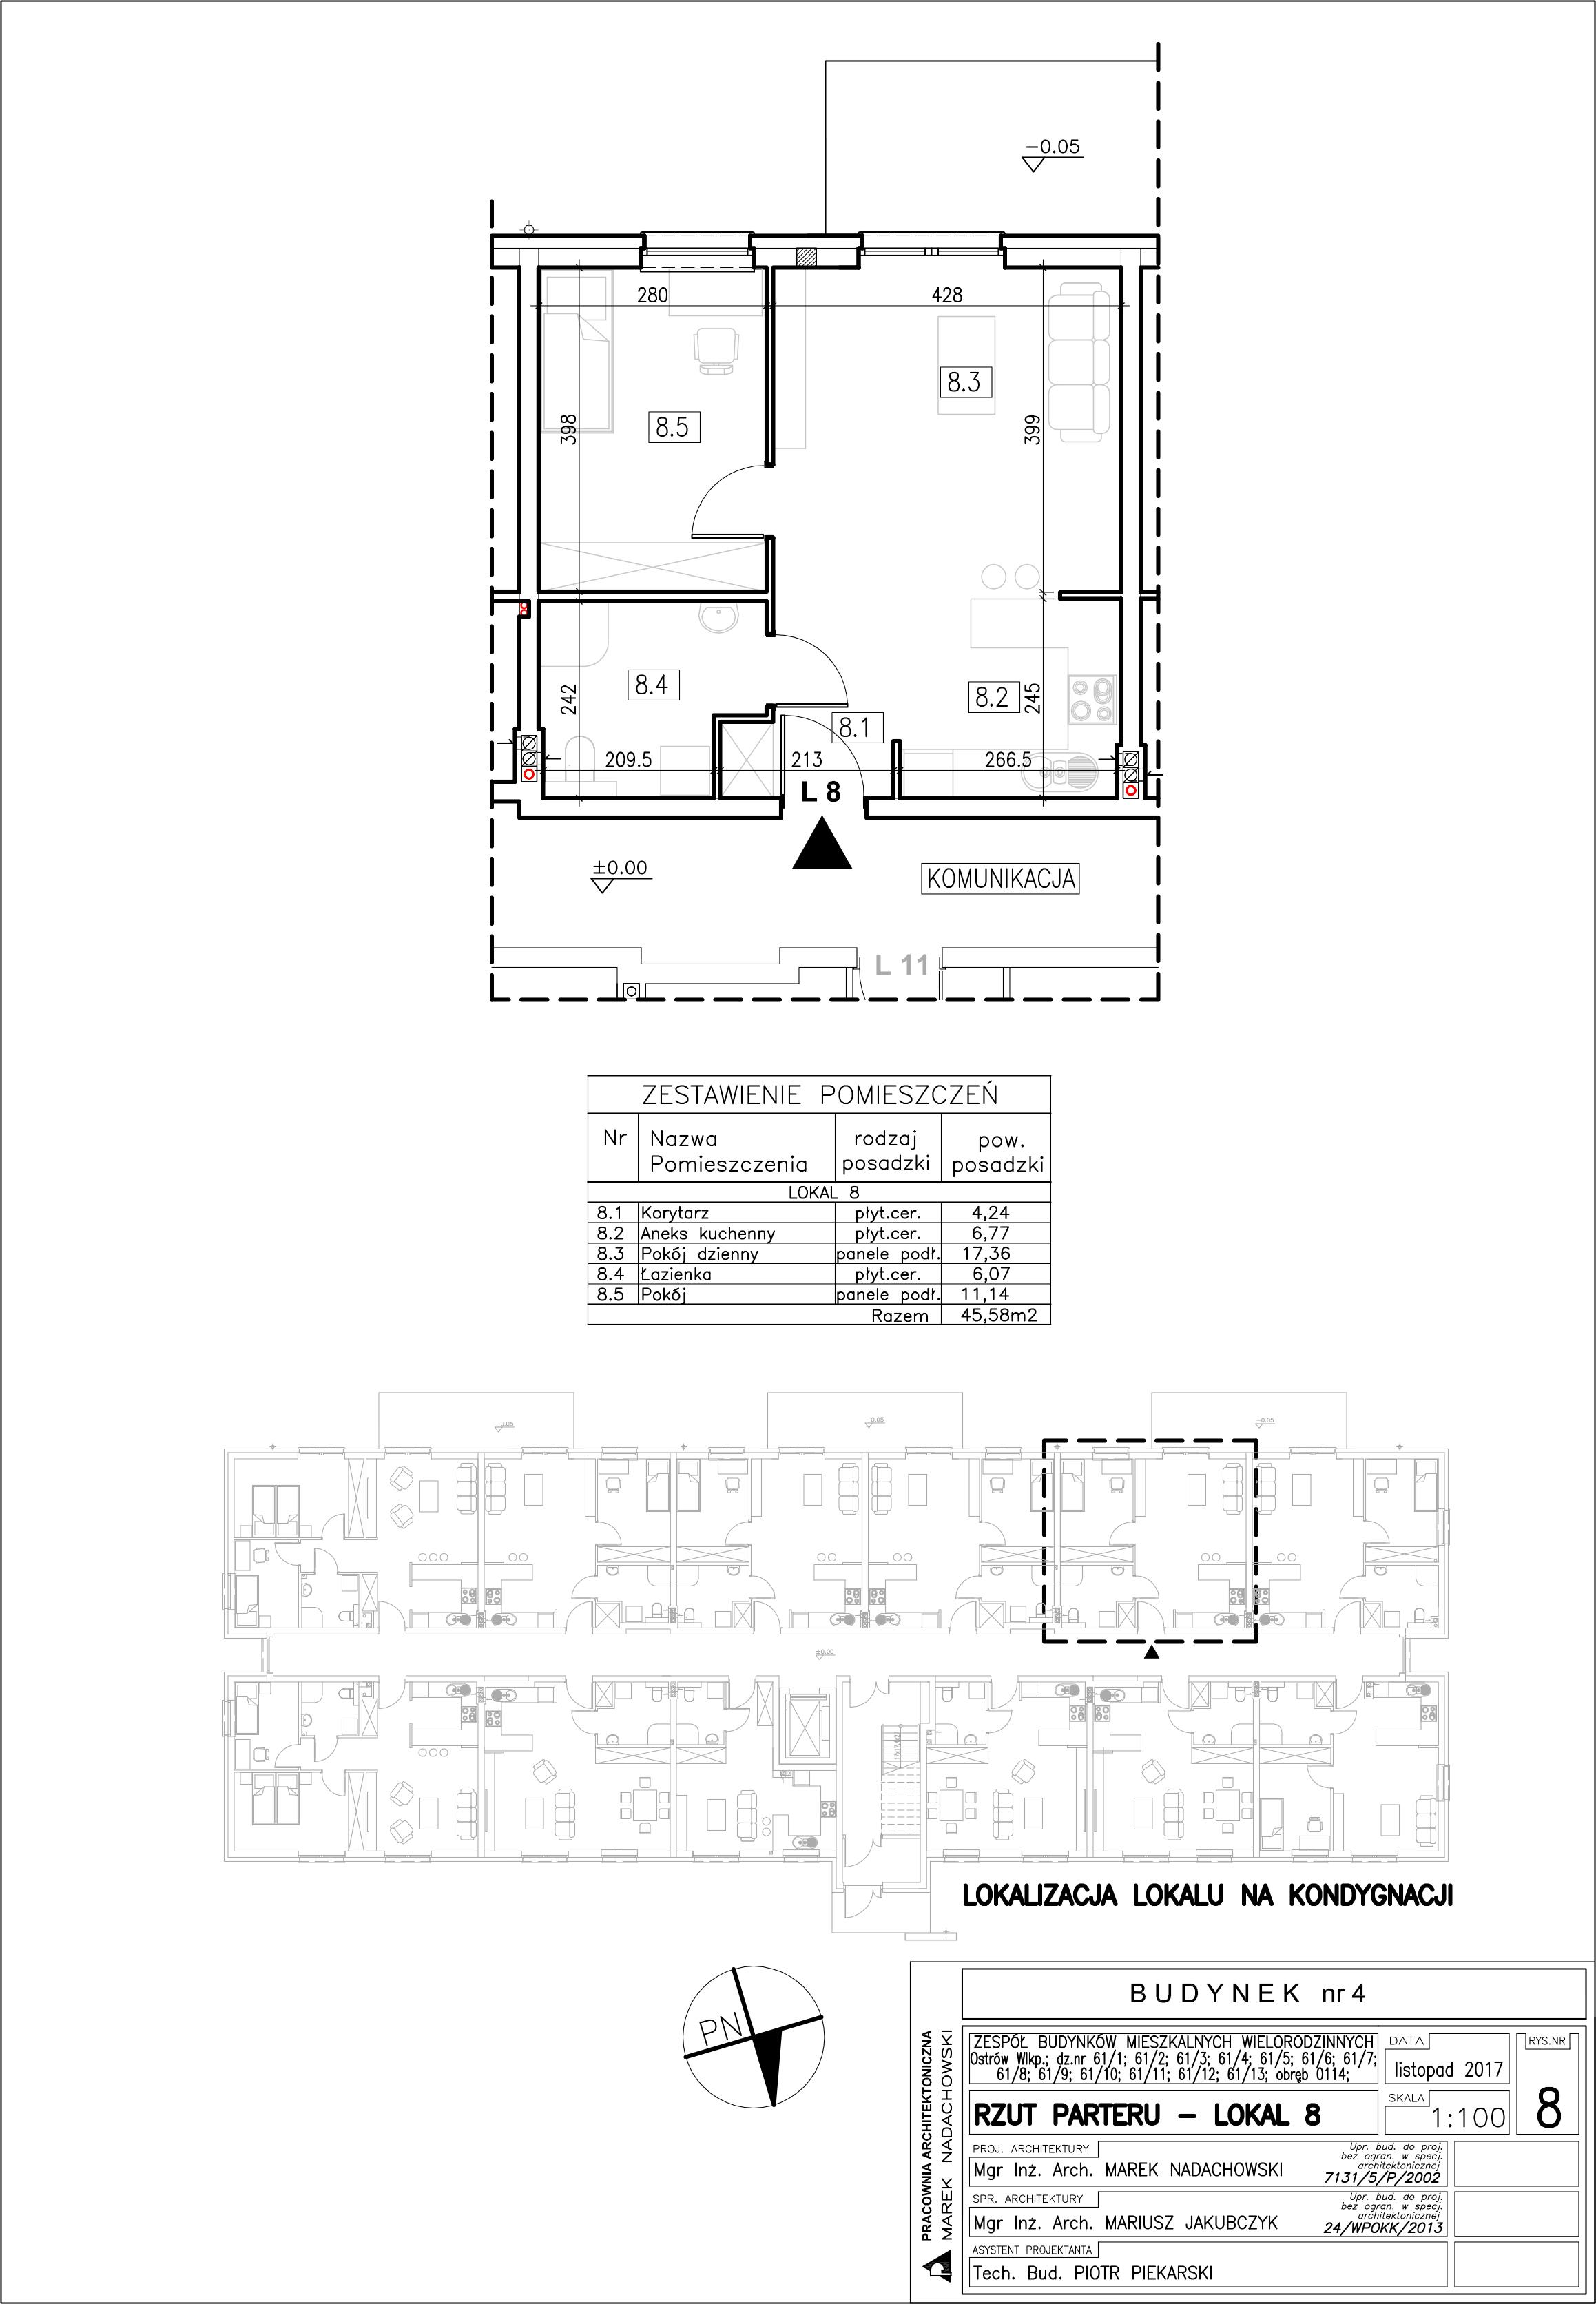 Lokal nr 8 Powierzchia: 45,58 m2